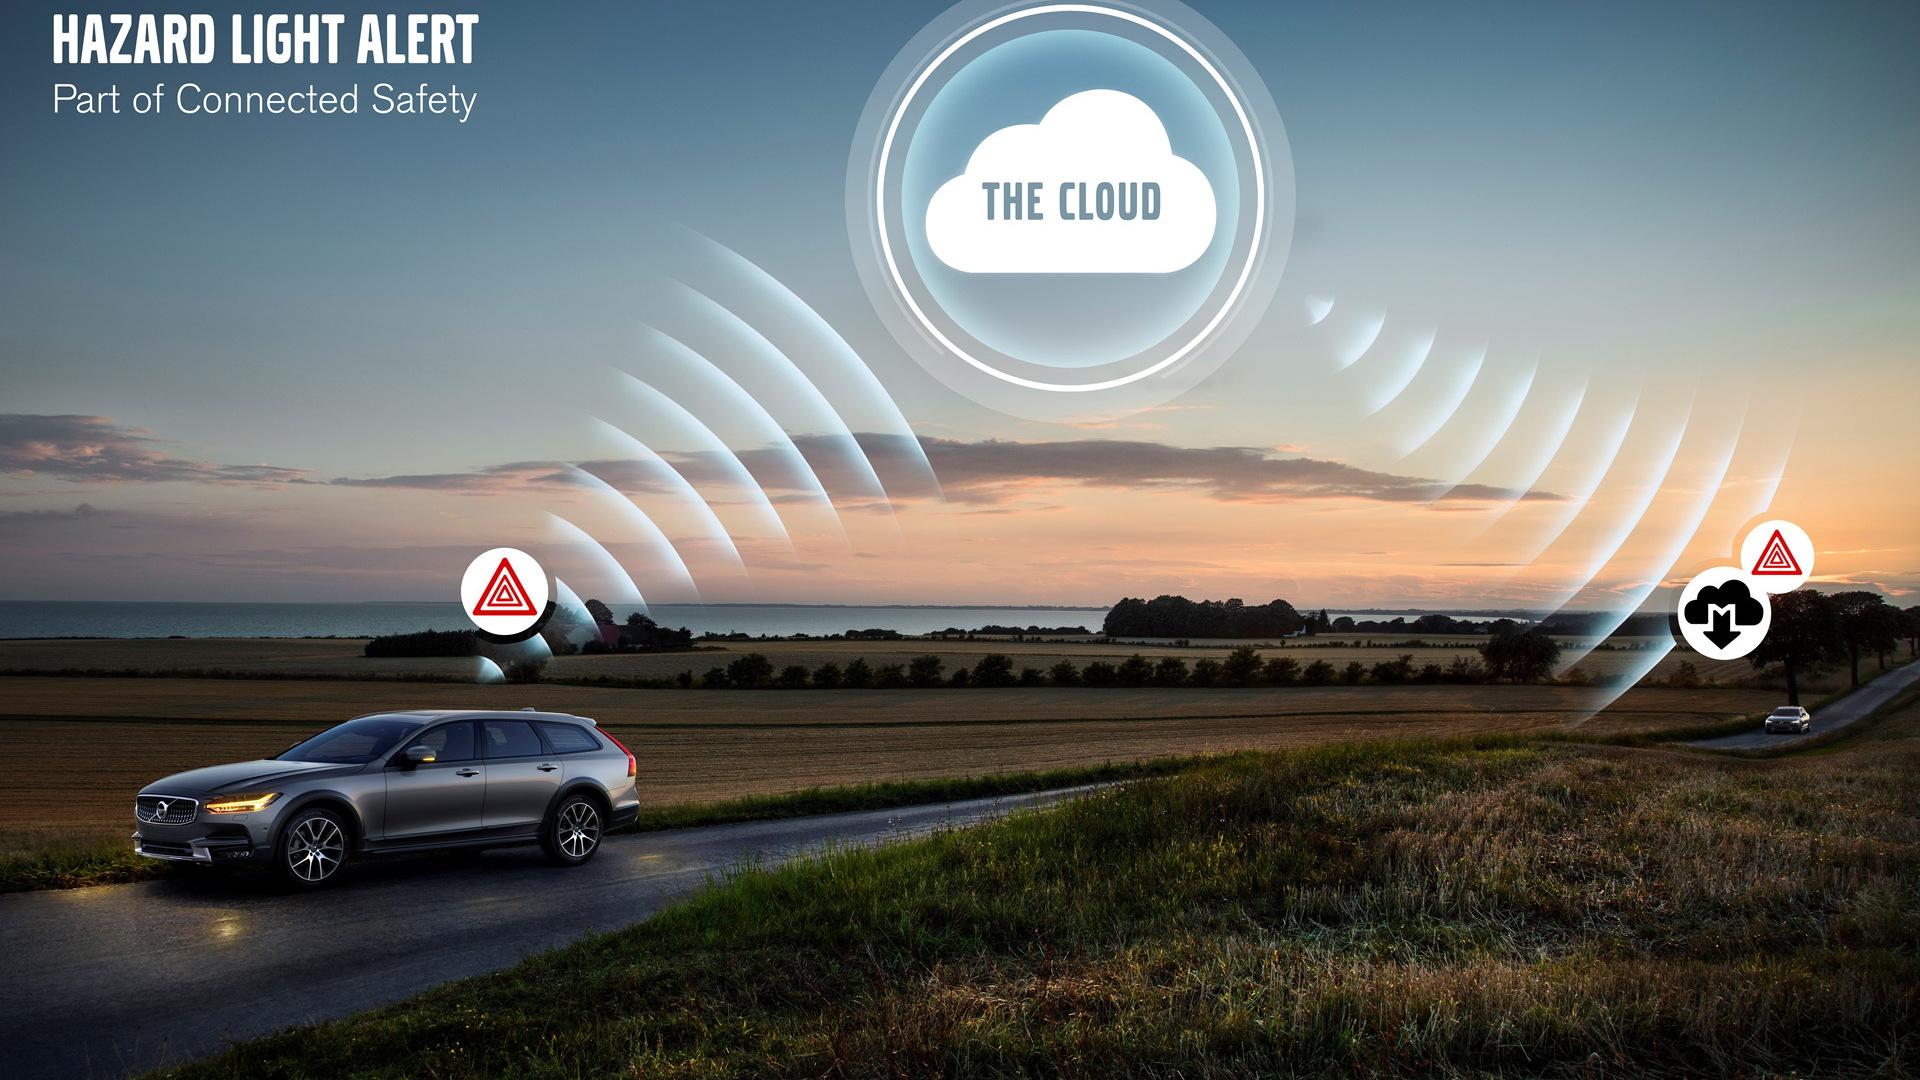 Volvo Hazard Light Alert